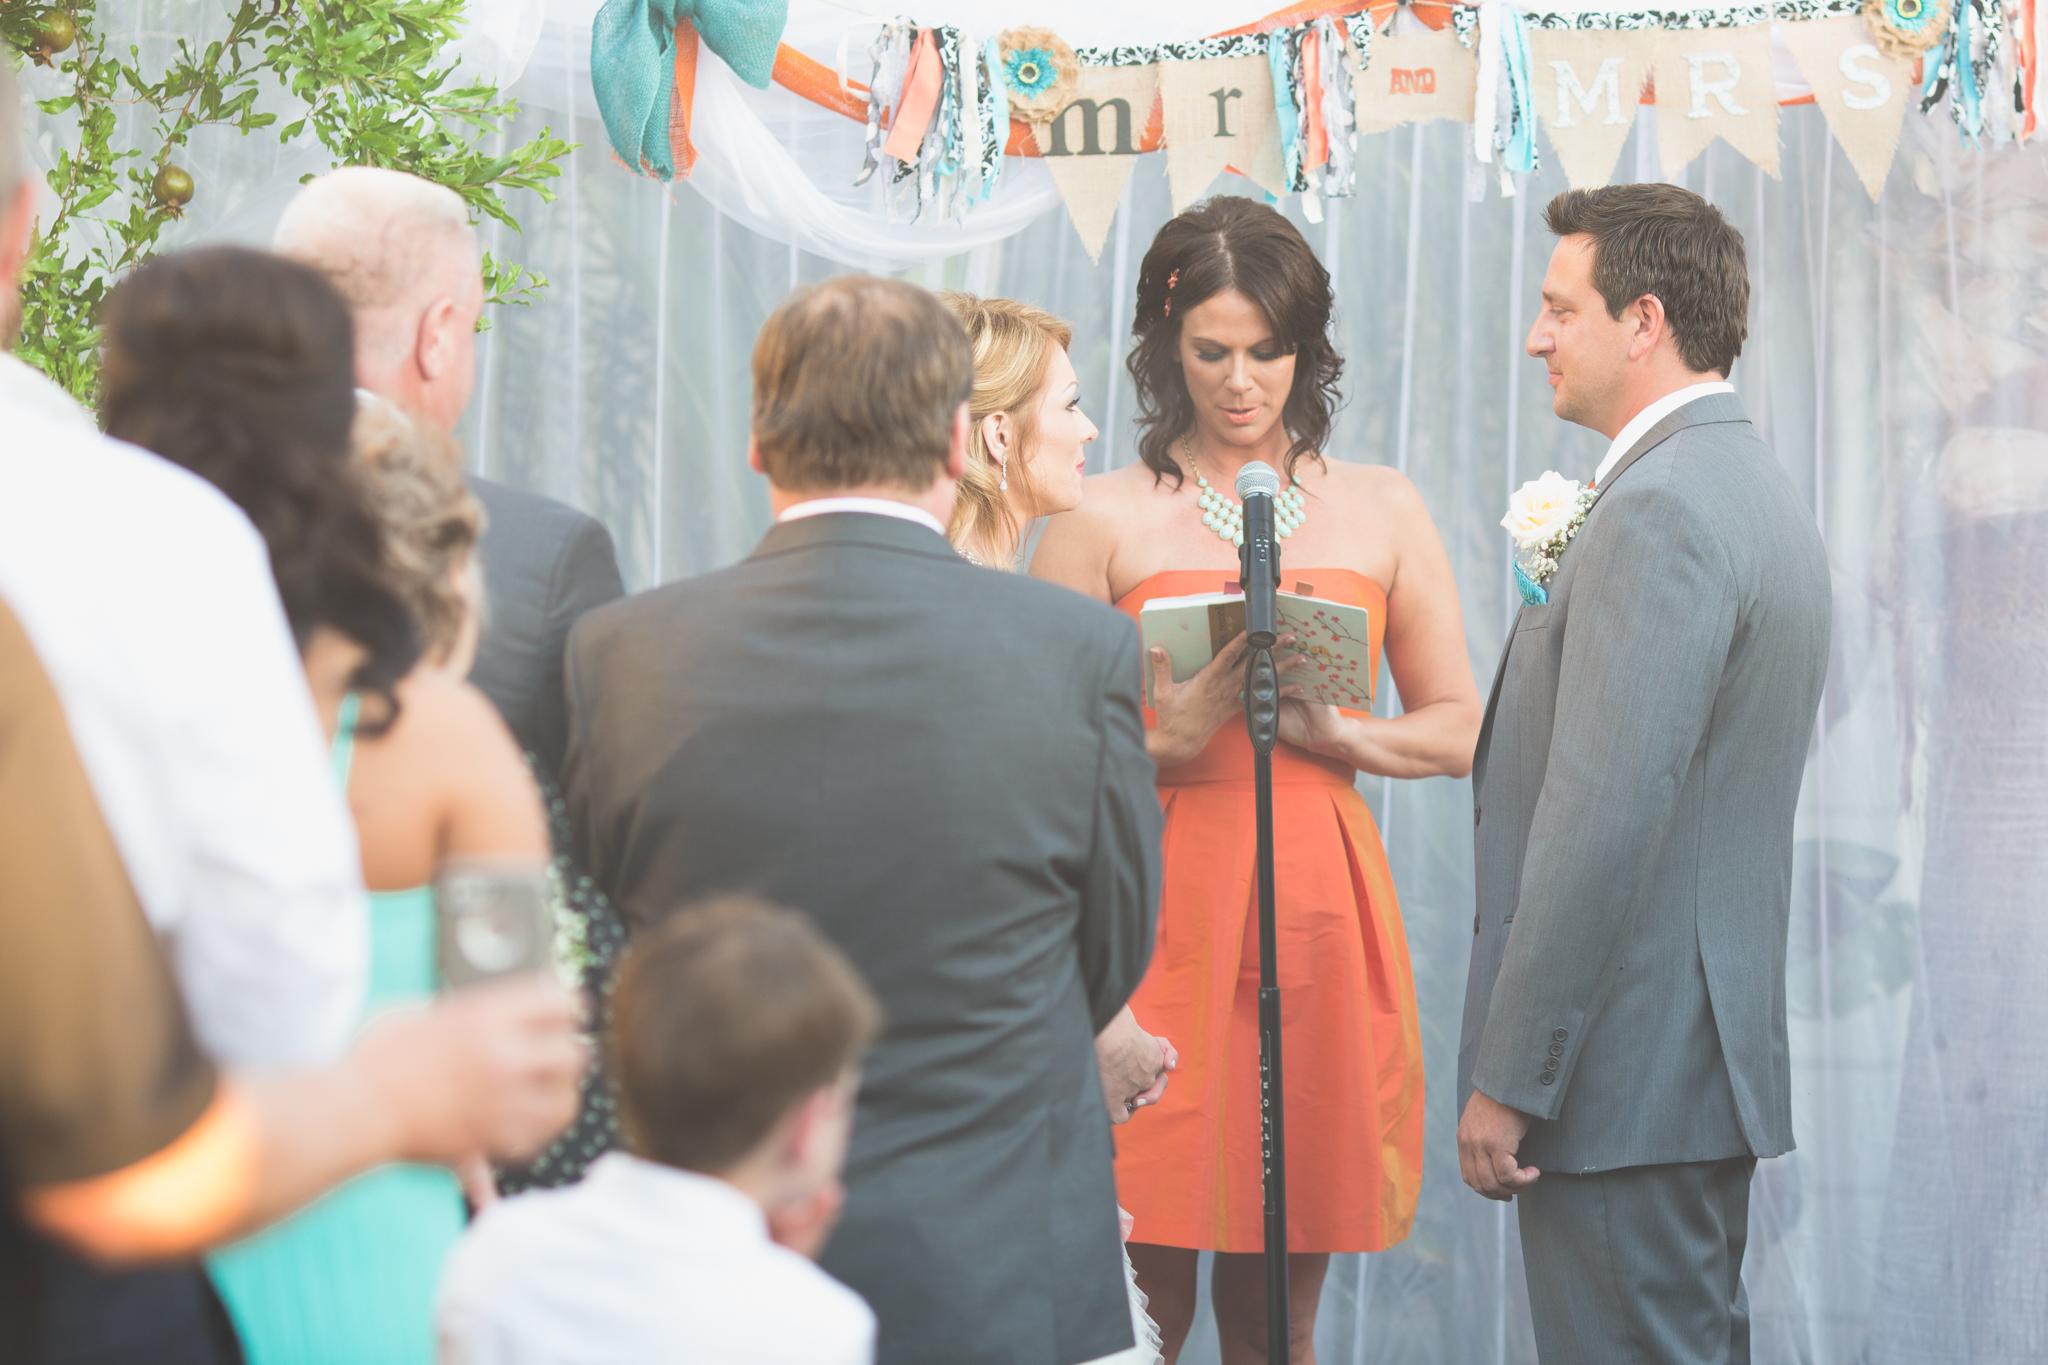 scottsdale-wedding-photographer-bride-groom-ceremony-1